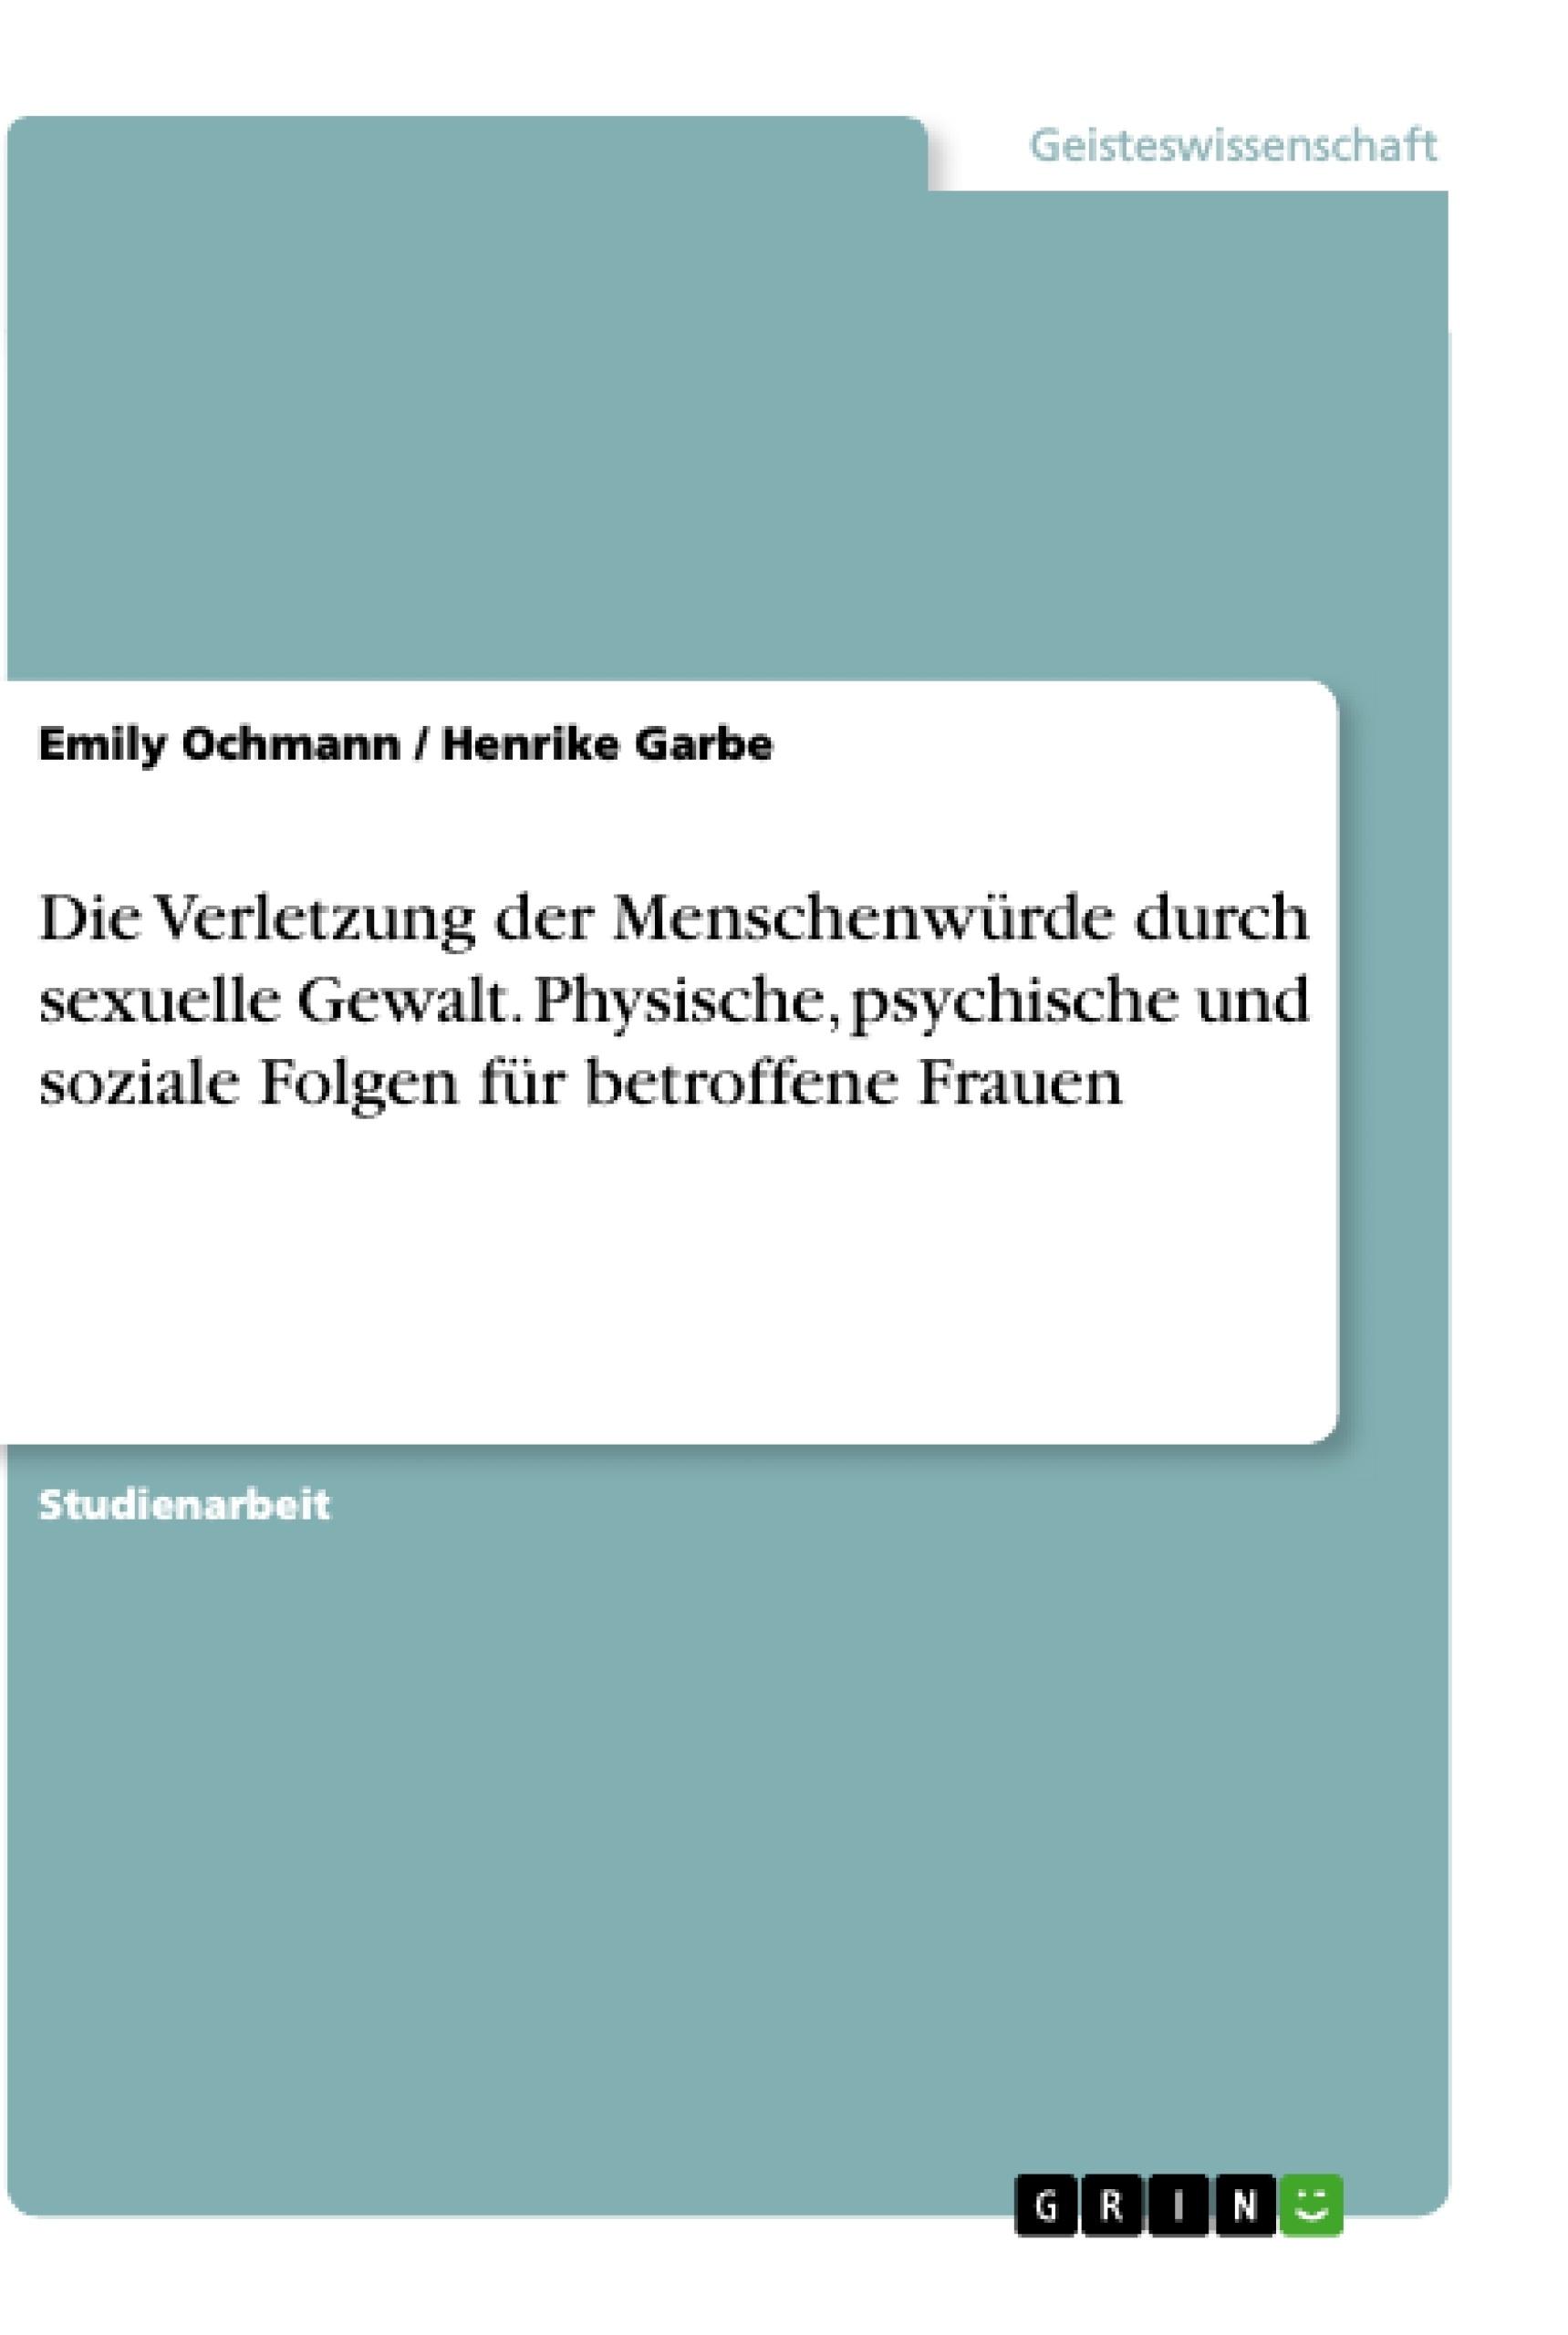 Titel: Die Verletzung der Menschenwürde durch sexuelle Gewalt. Physische, psychische und soziale Folgen für betroffene Frauen